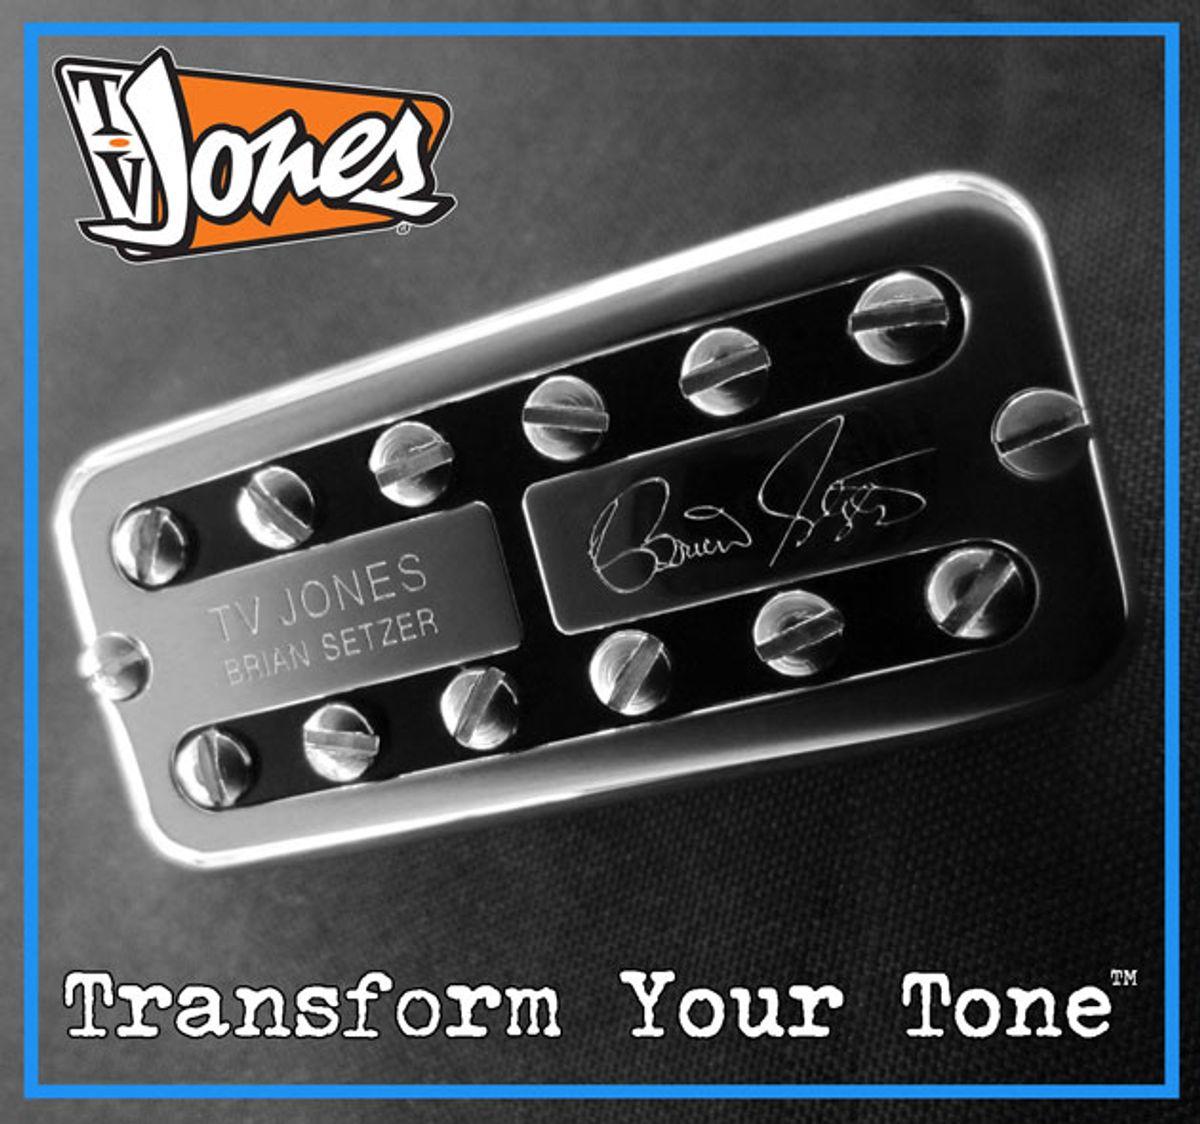 TV Jones Announces Brian Setzer Signature Pickups